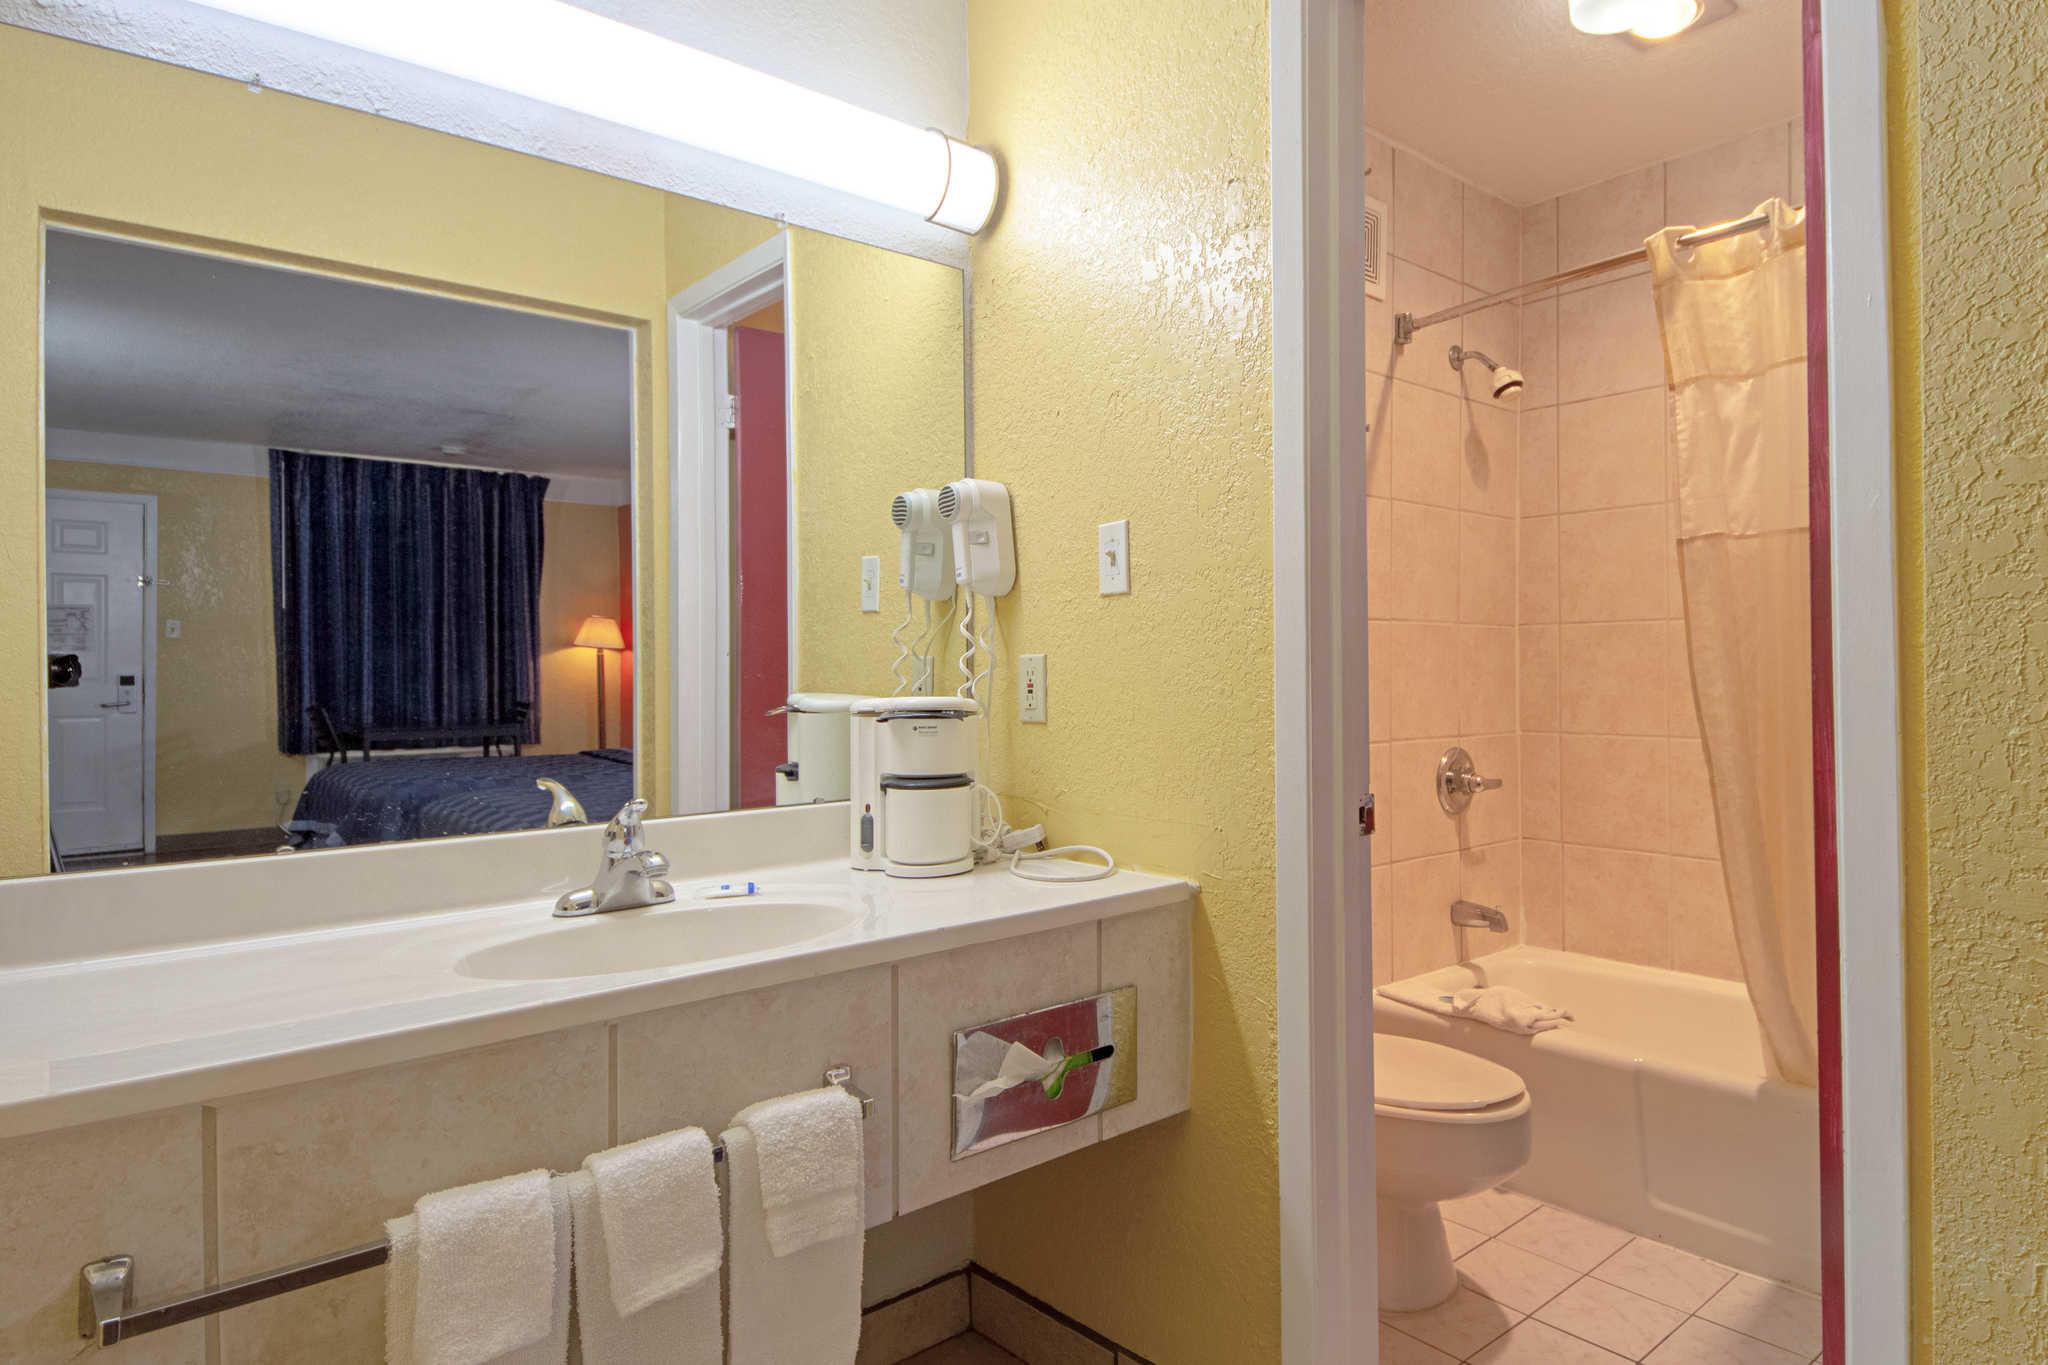 Rodeway Inn & Suites image 31